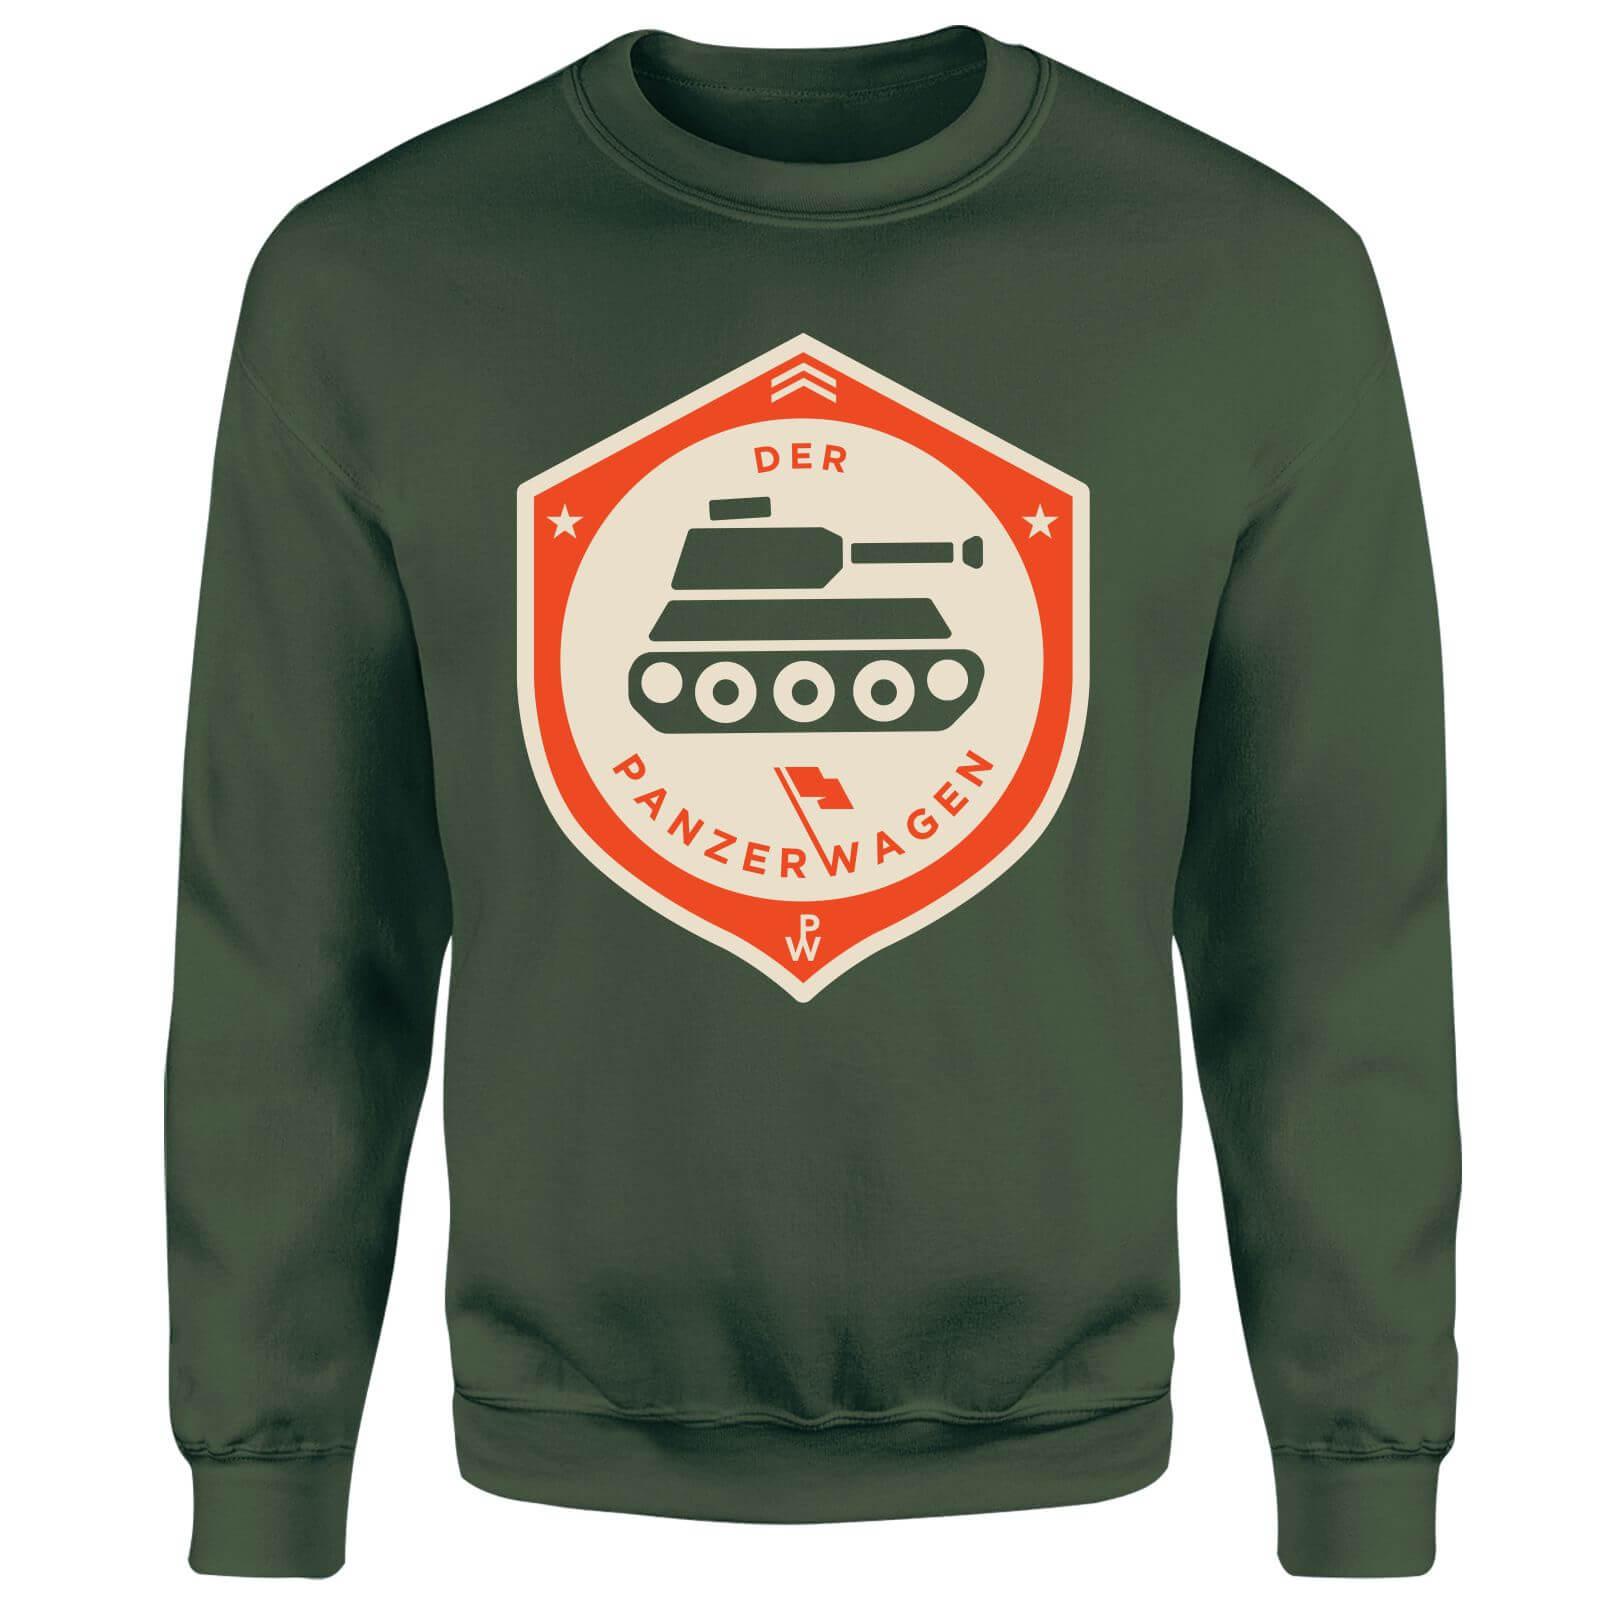 Der Panzerwagen Sweatshirt